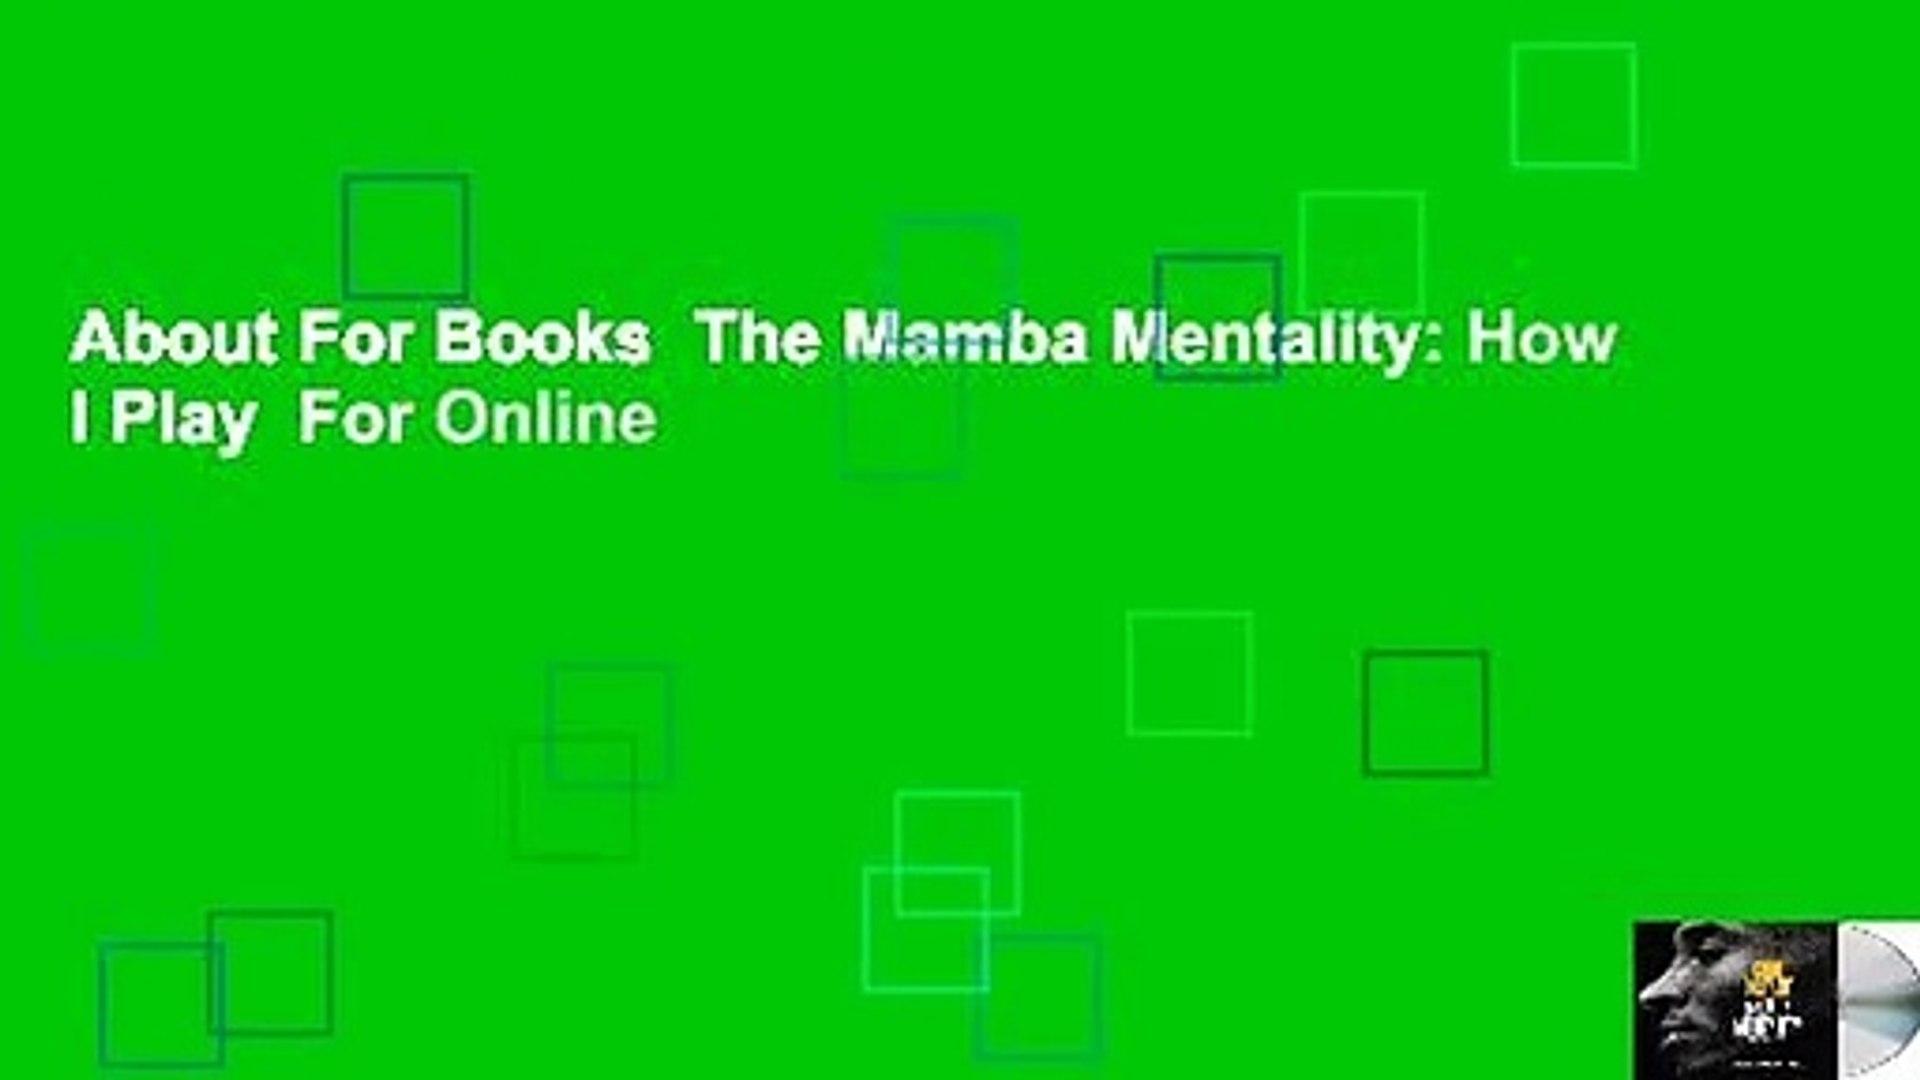 Mamba online